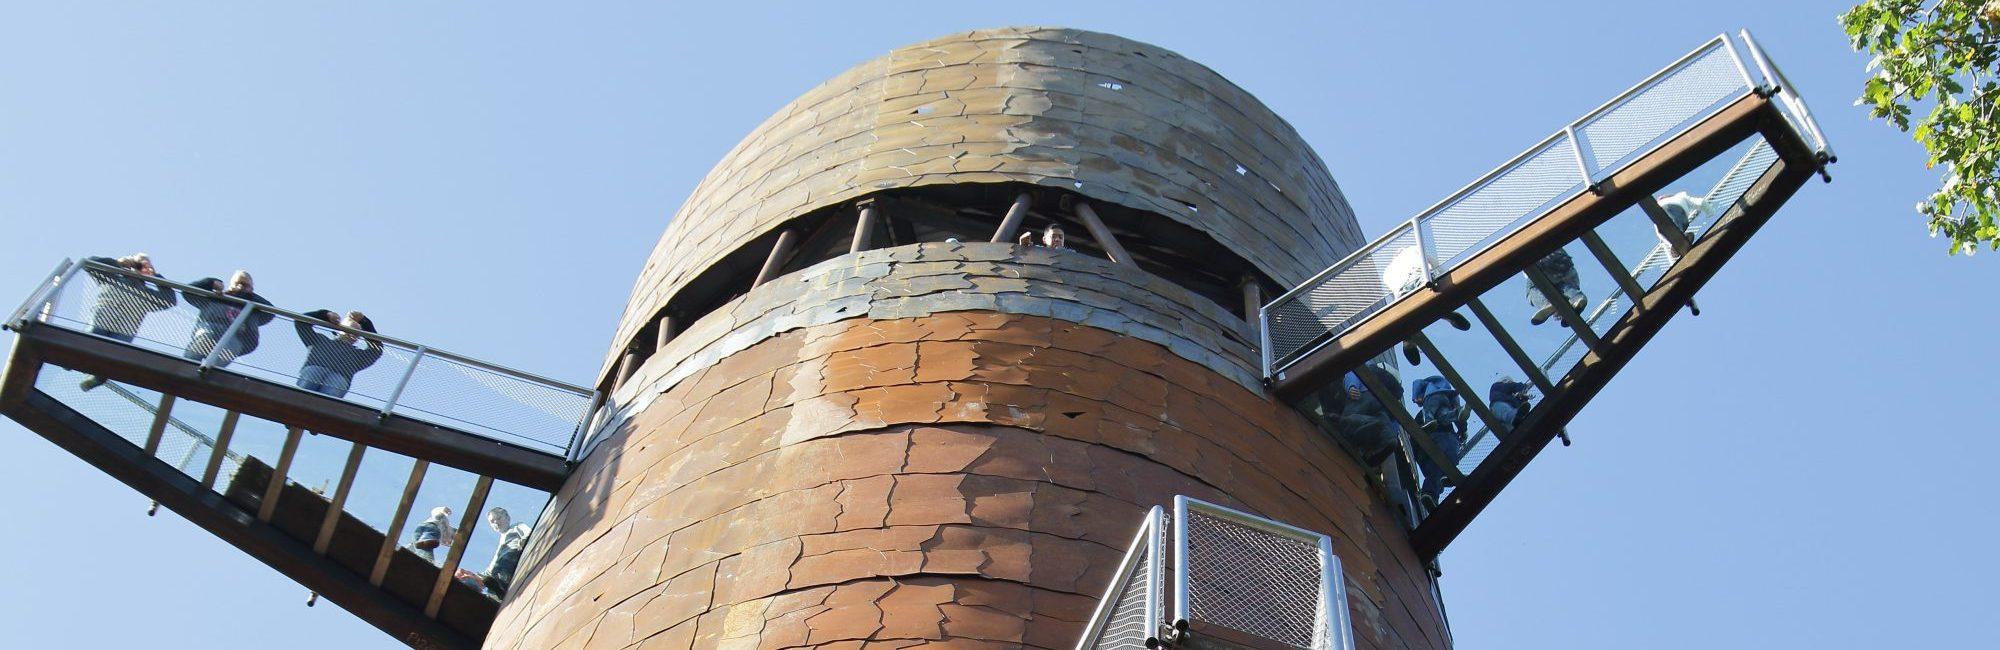 bosbergtoren-onderaanzicht-groot-e1511123499283